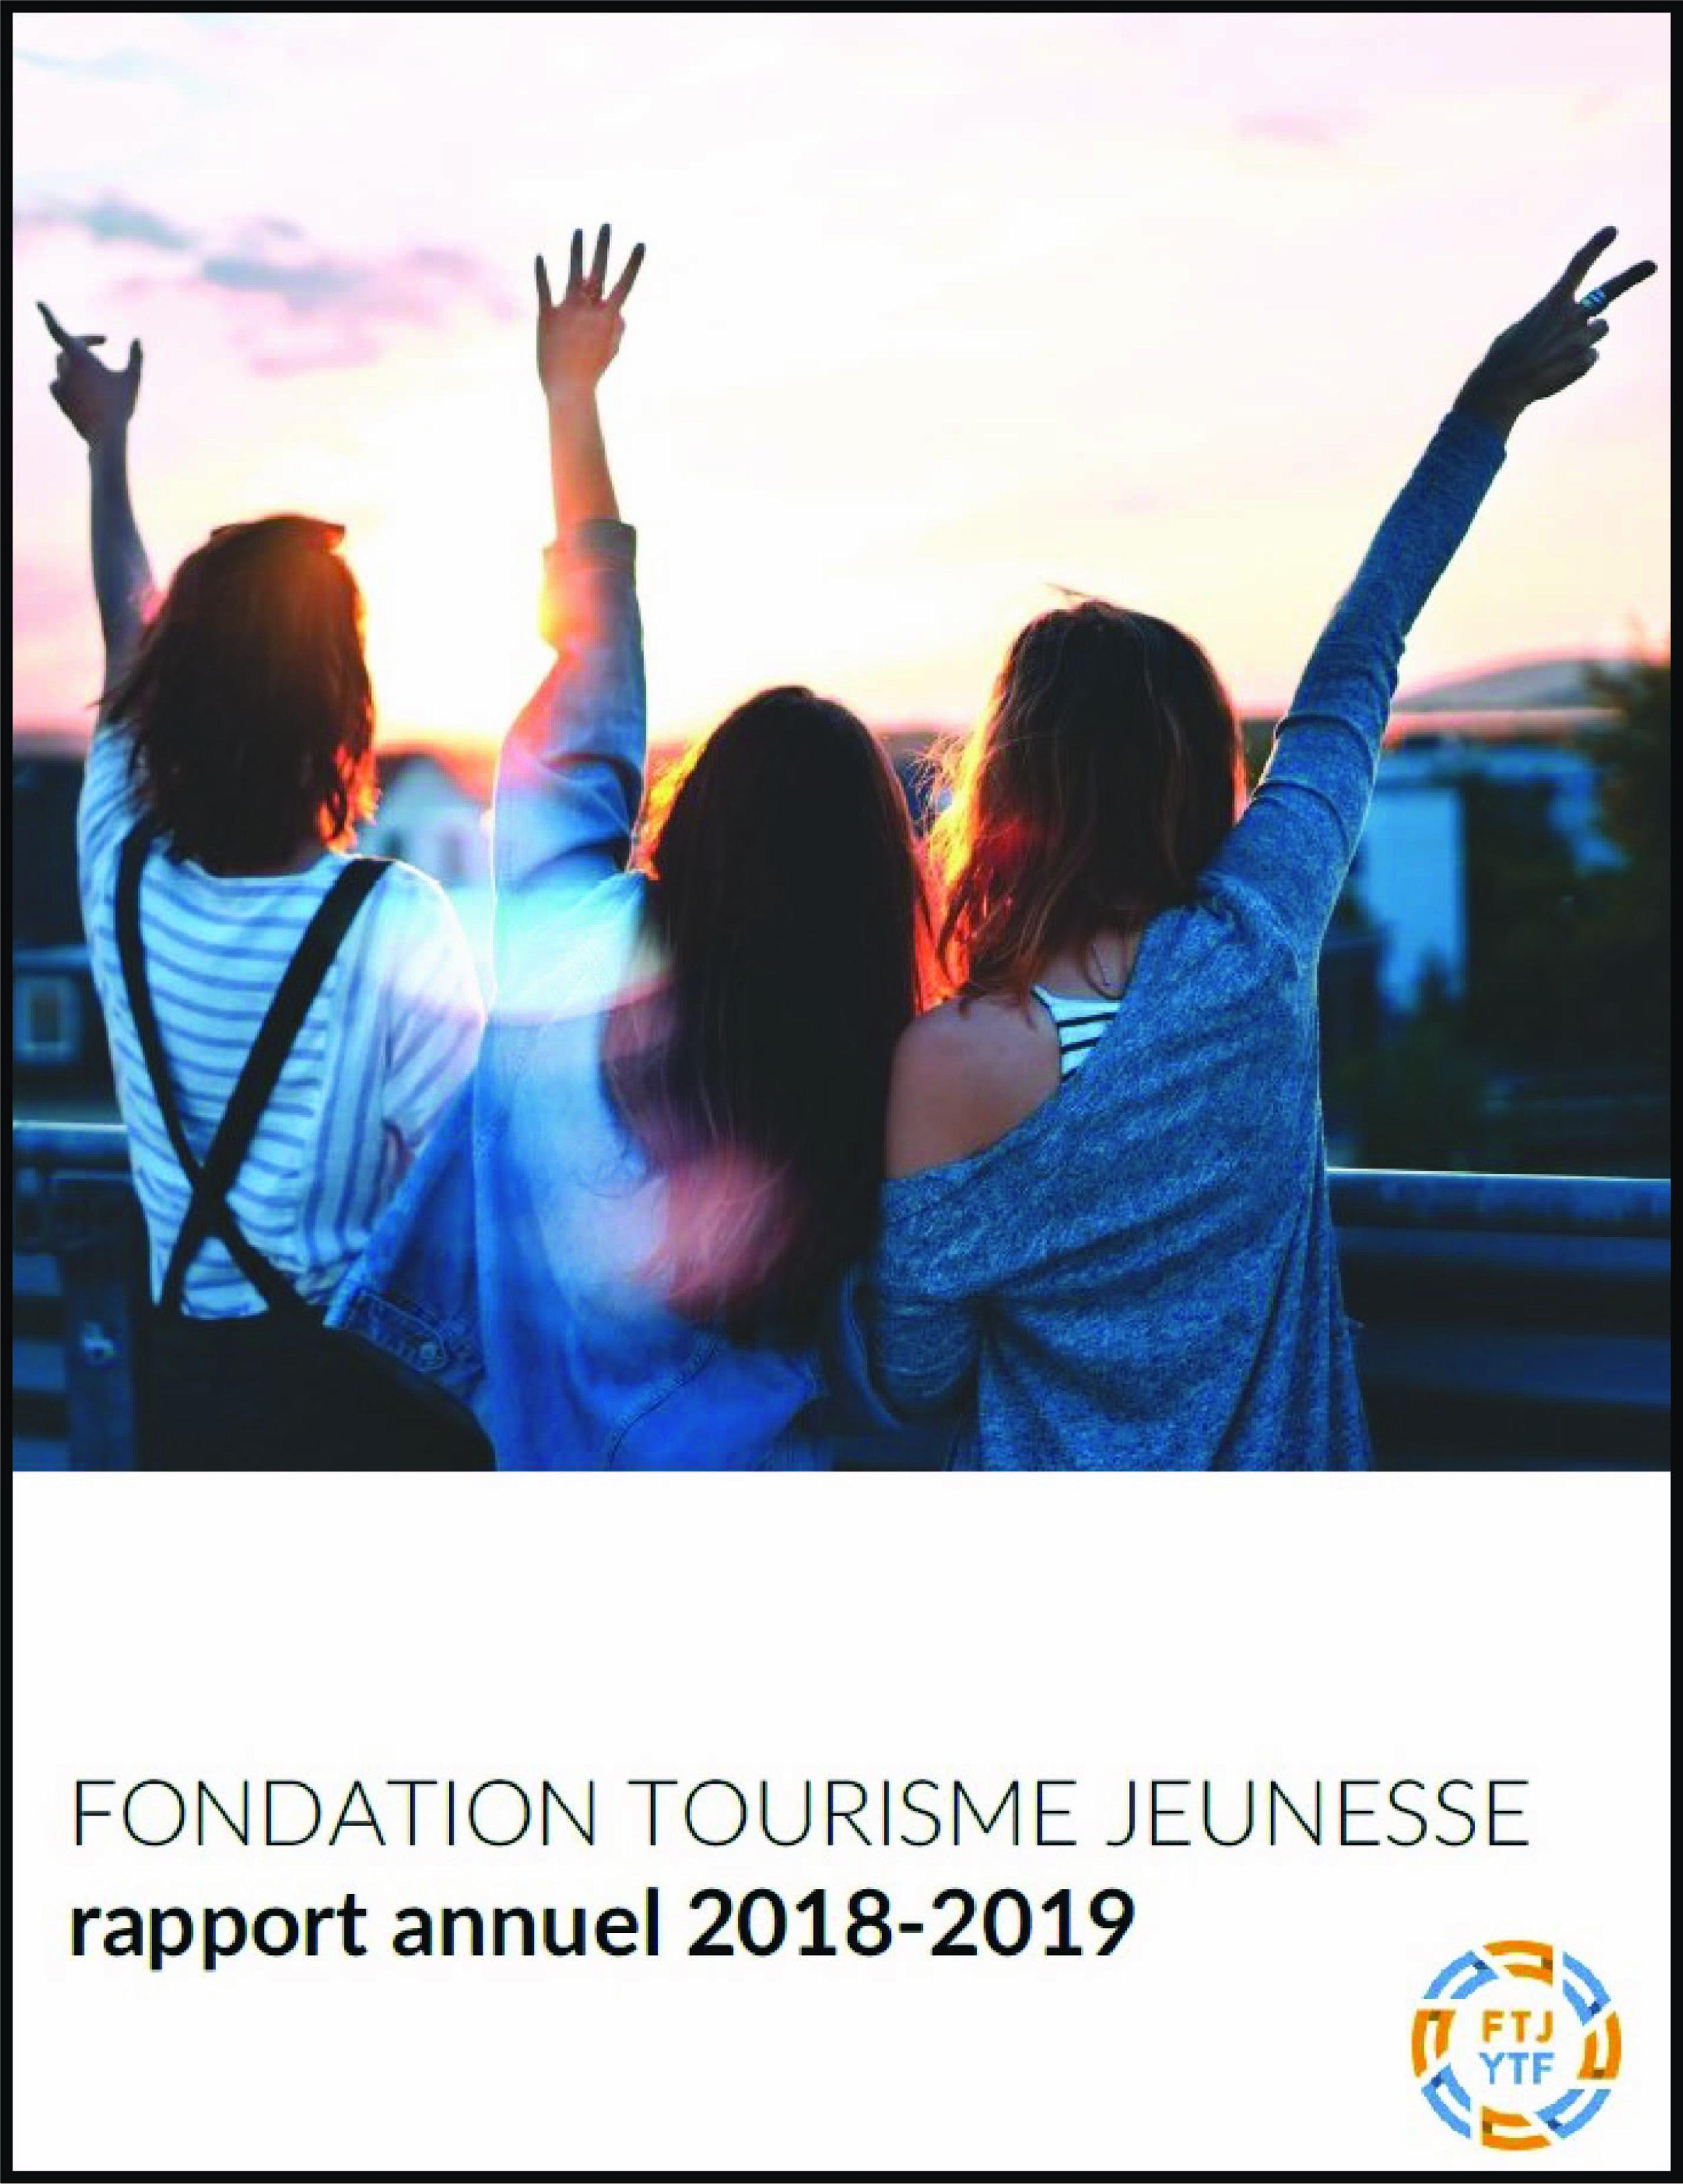 Rapport annuel 2018-2019_Nous Joindre_Fondation Tourisme Jeunesse.jpg